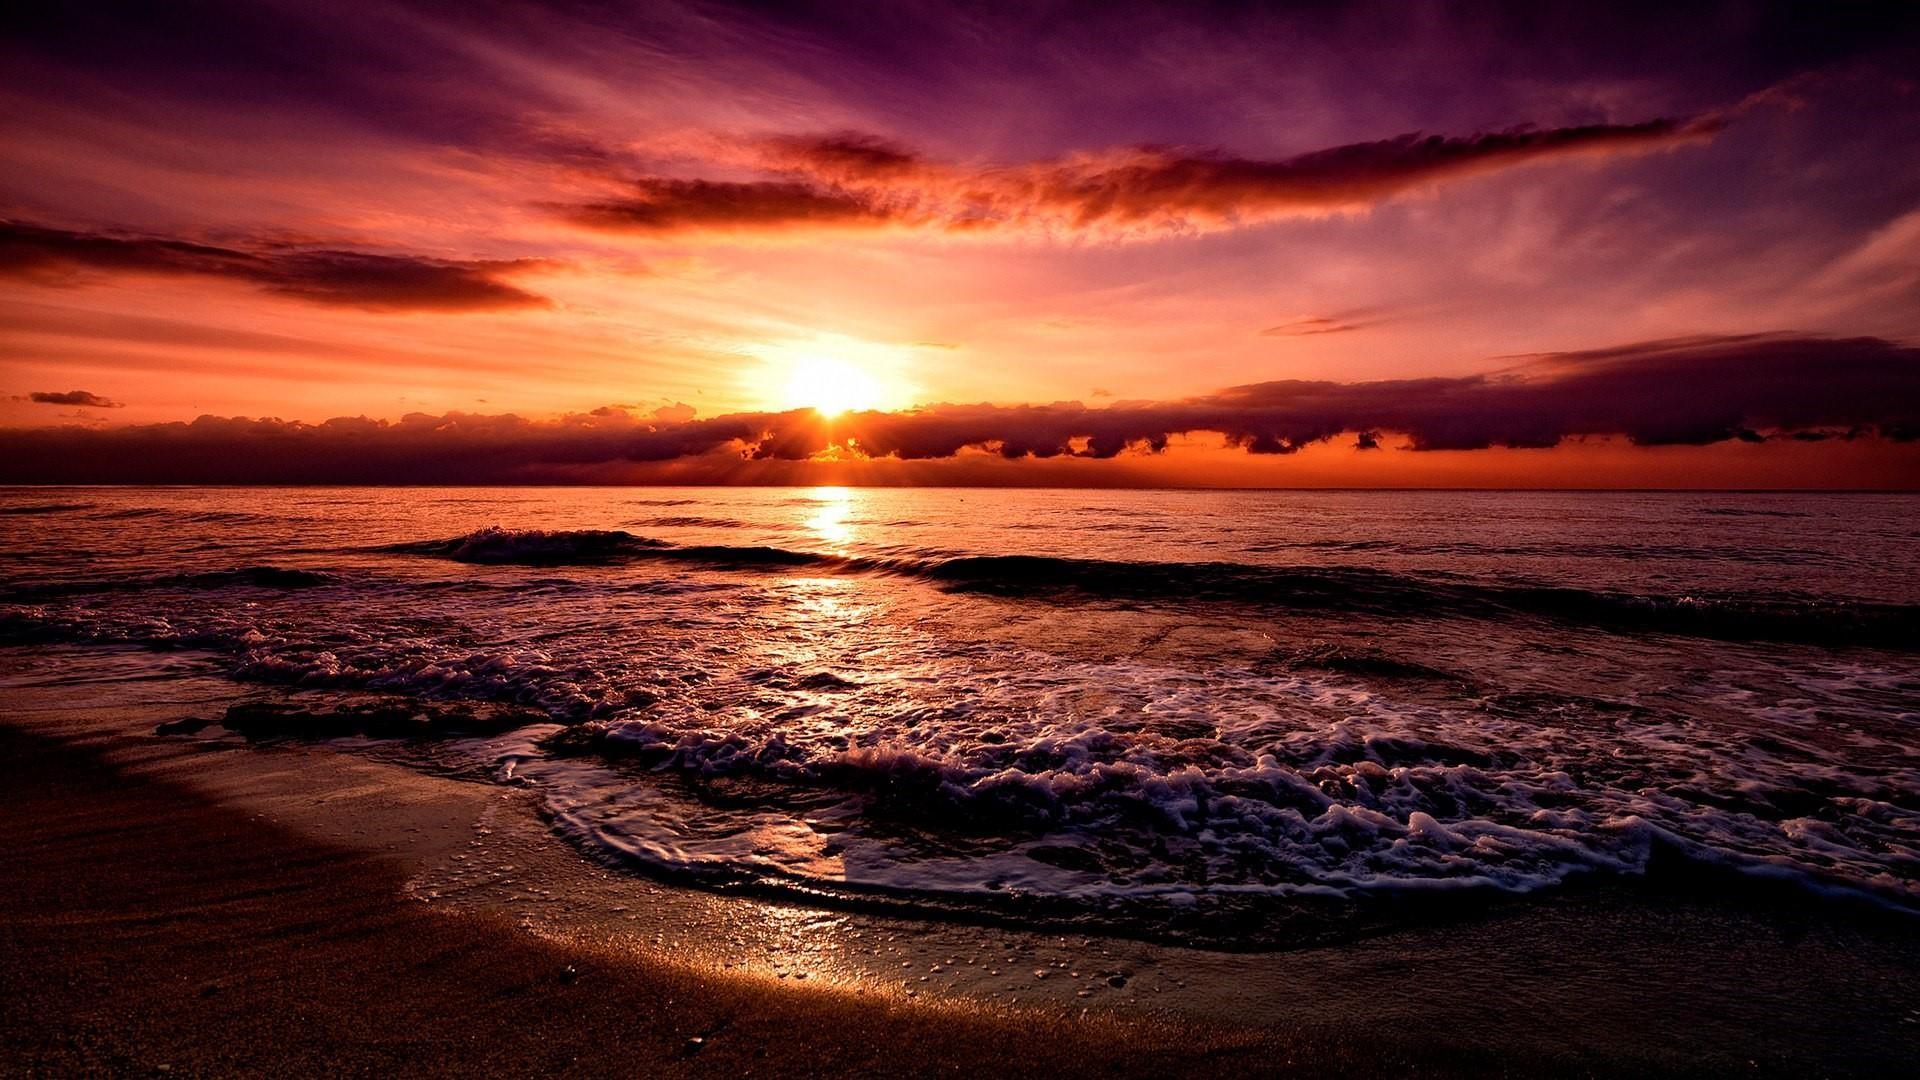 Beach Sunset Desktop Wallpapers